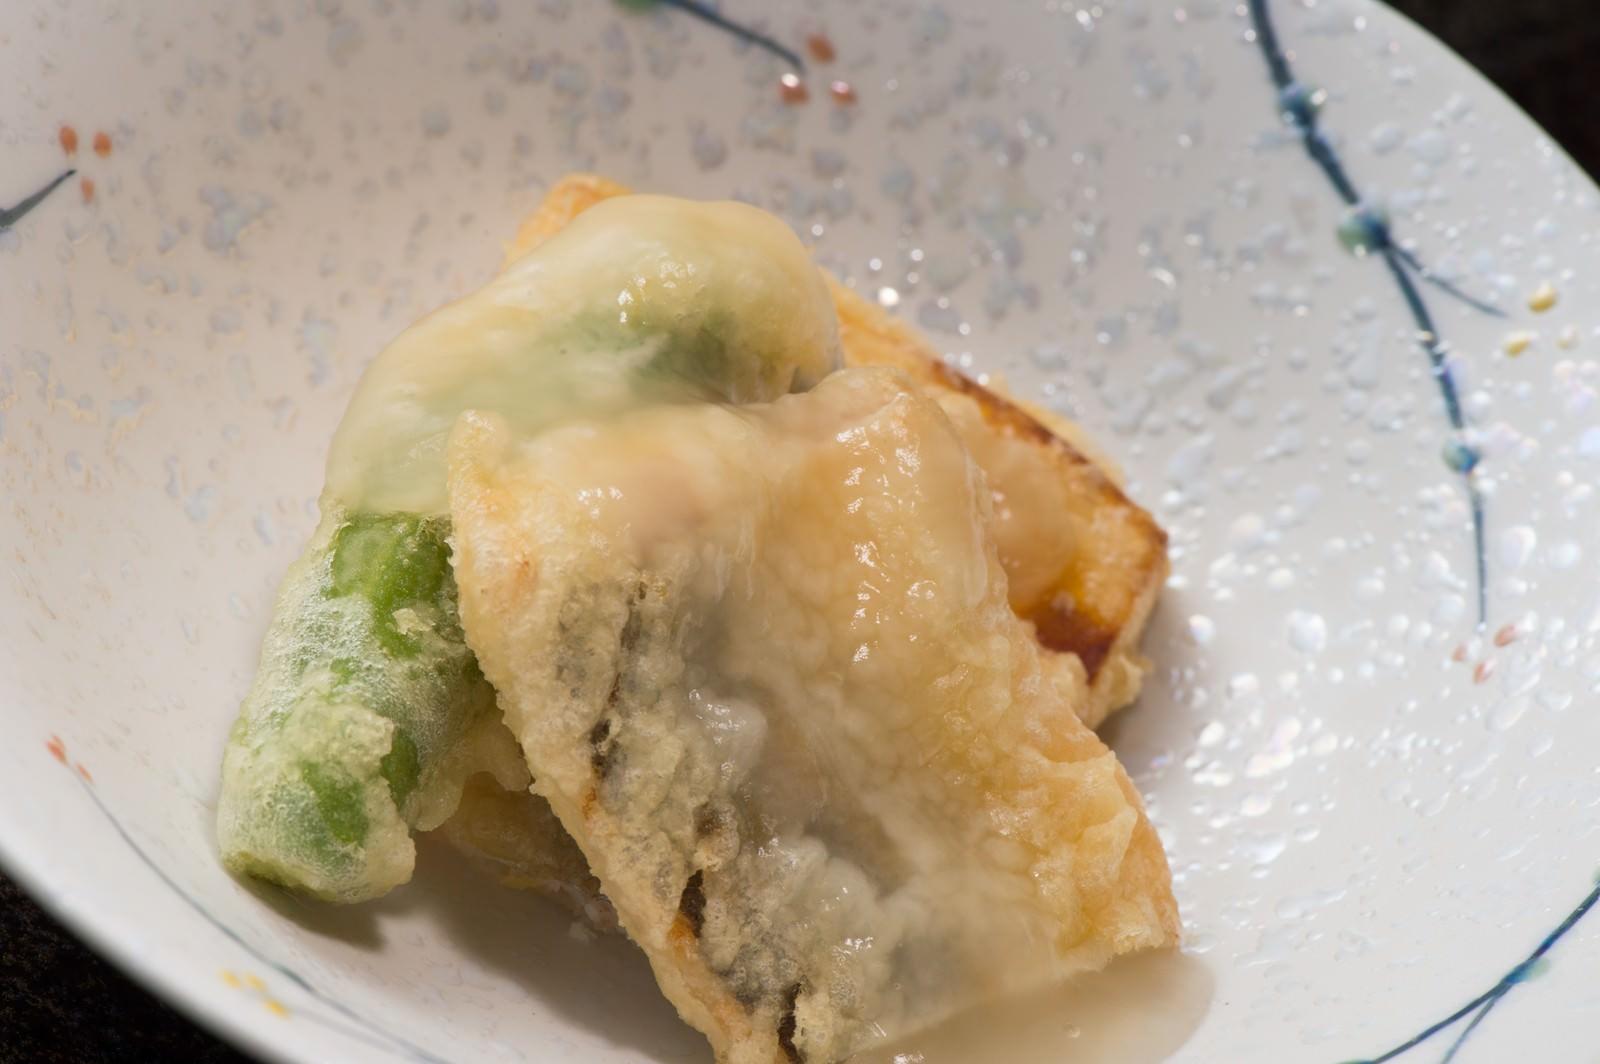 「旬の野菜と鮎の天ぷらの銀餡かけ」の写真